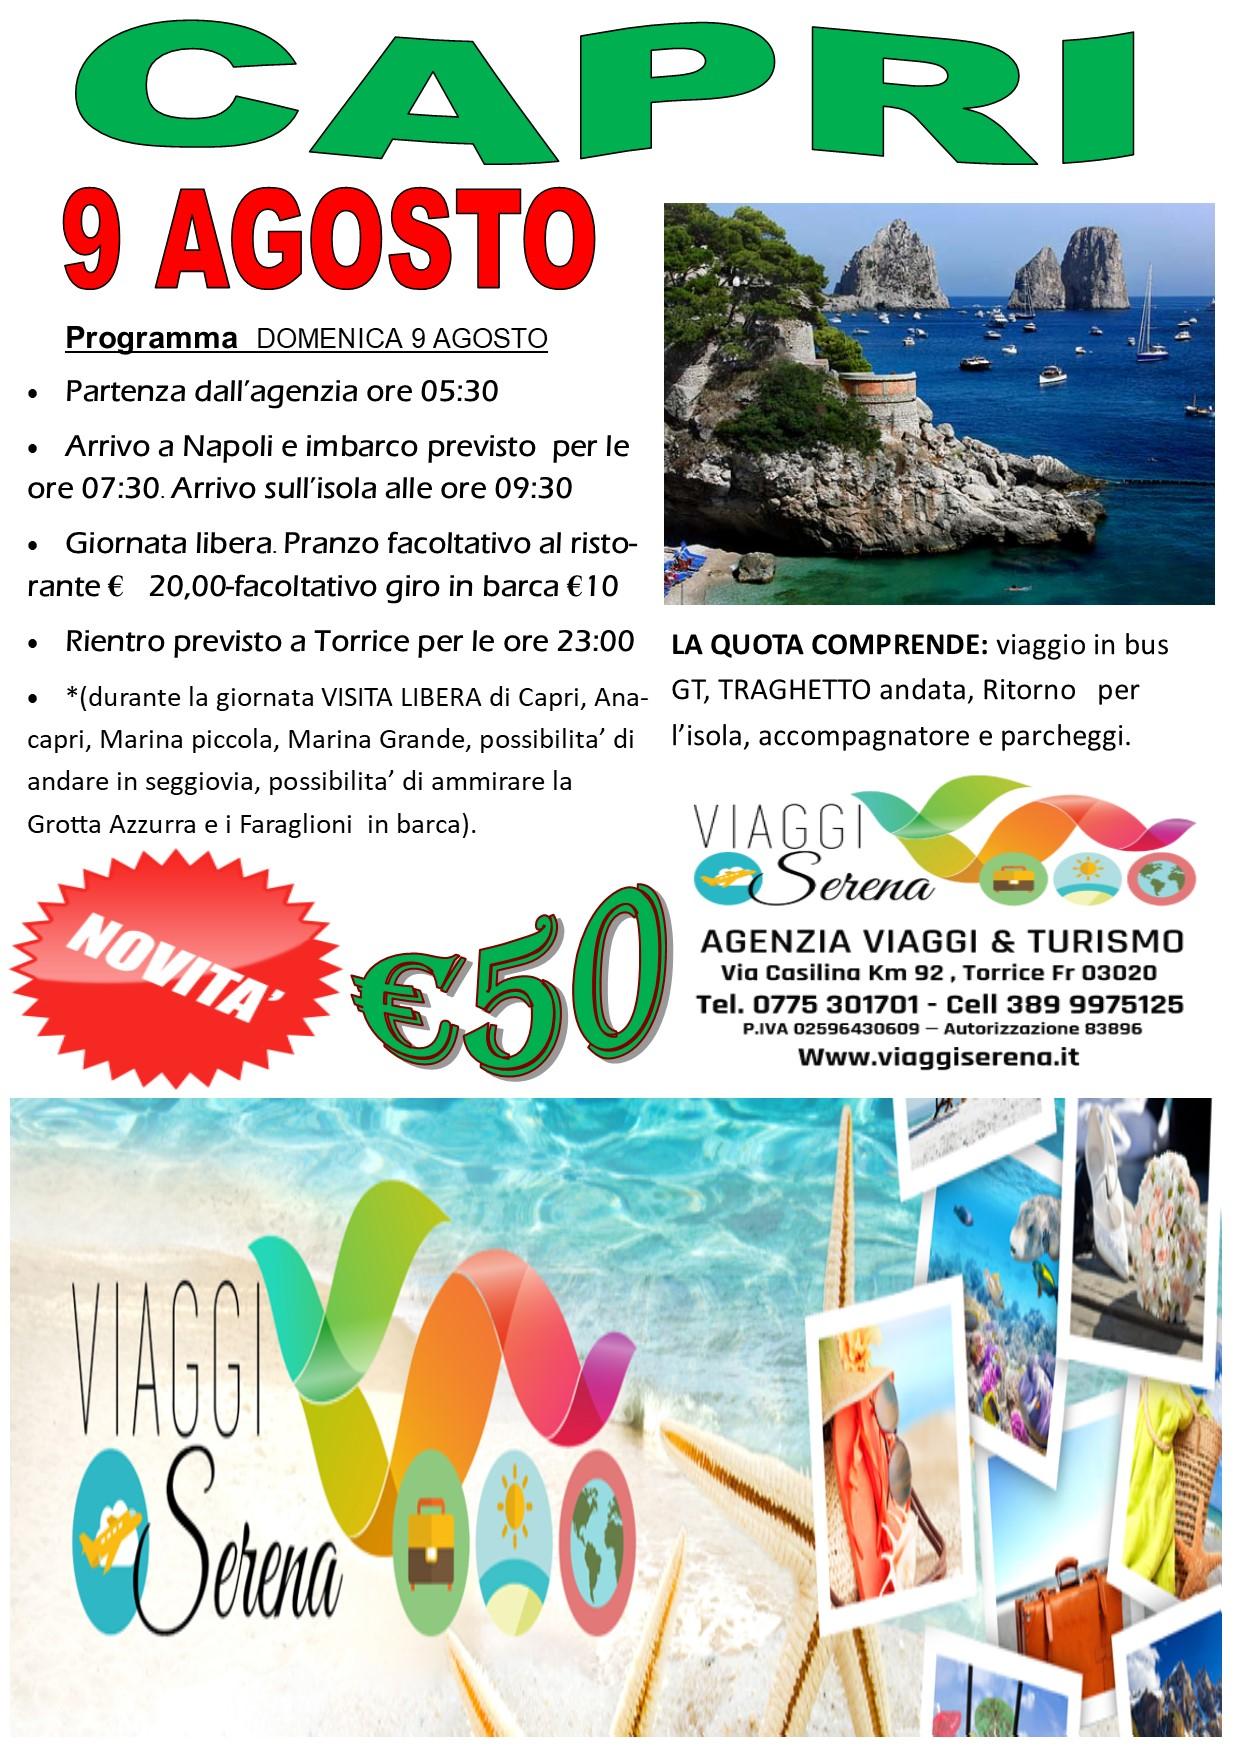 Viaggi di Gruppo: CAPRI & Anacapri 9 Agosto  €50,00